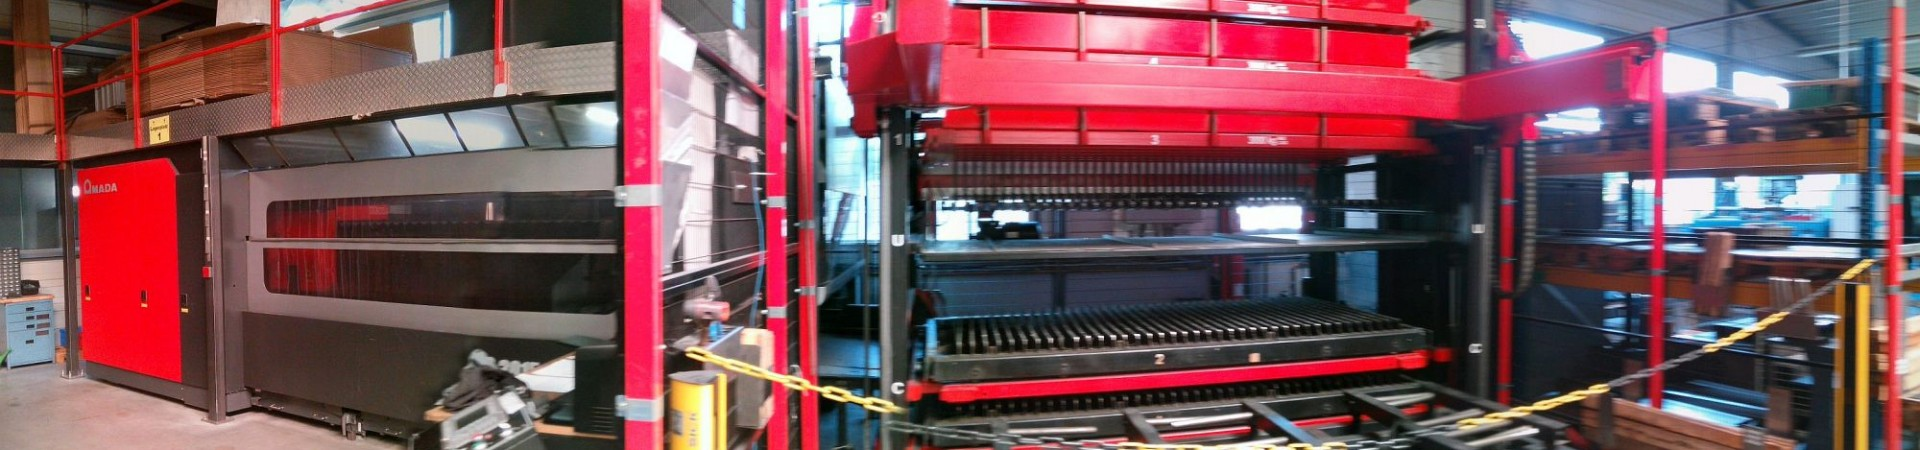 Laserteile automatisiert produzieren